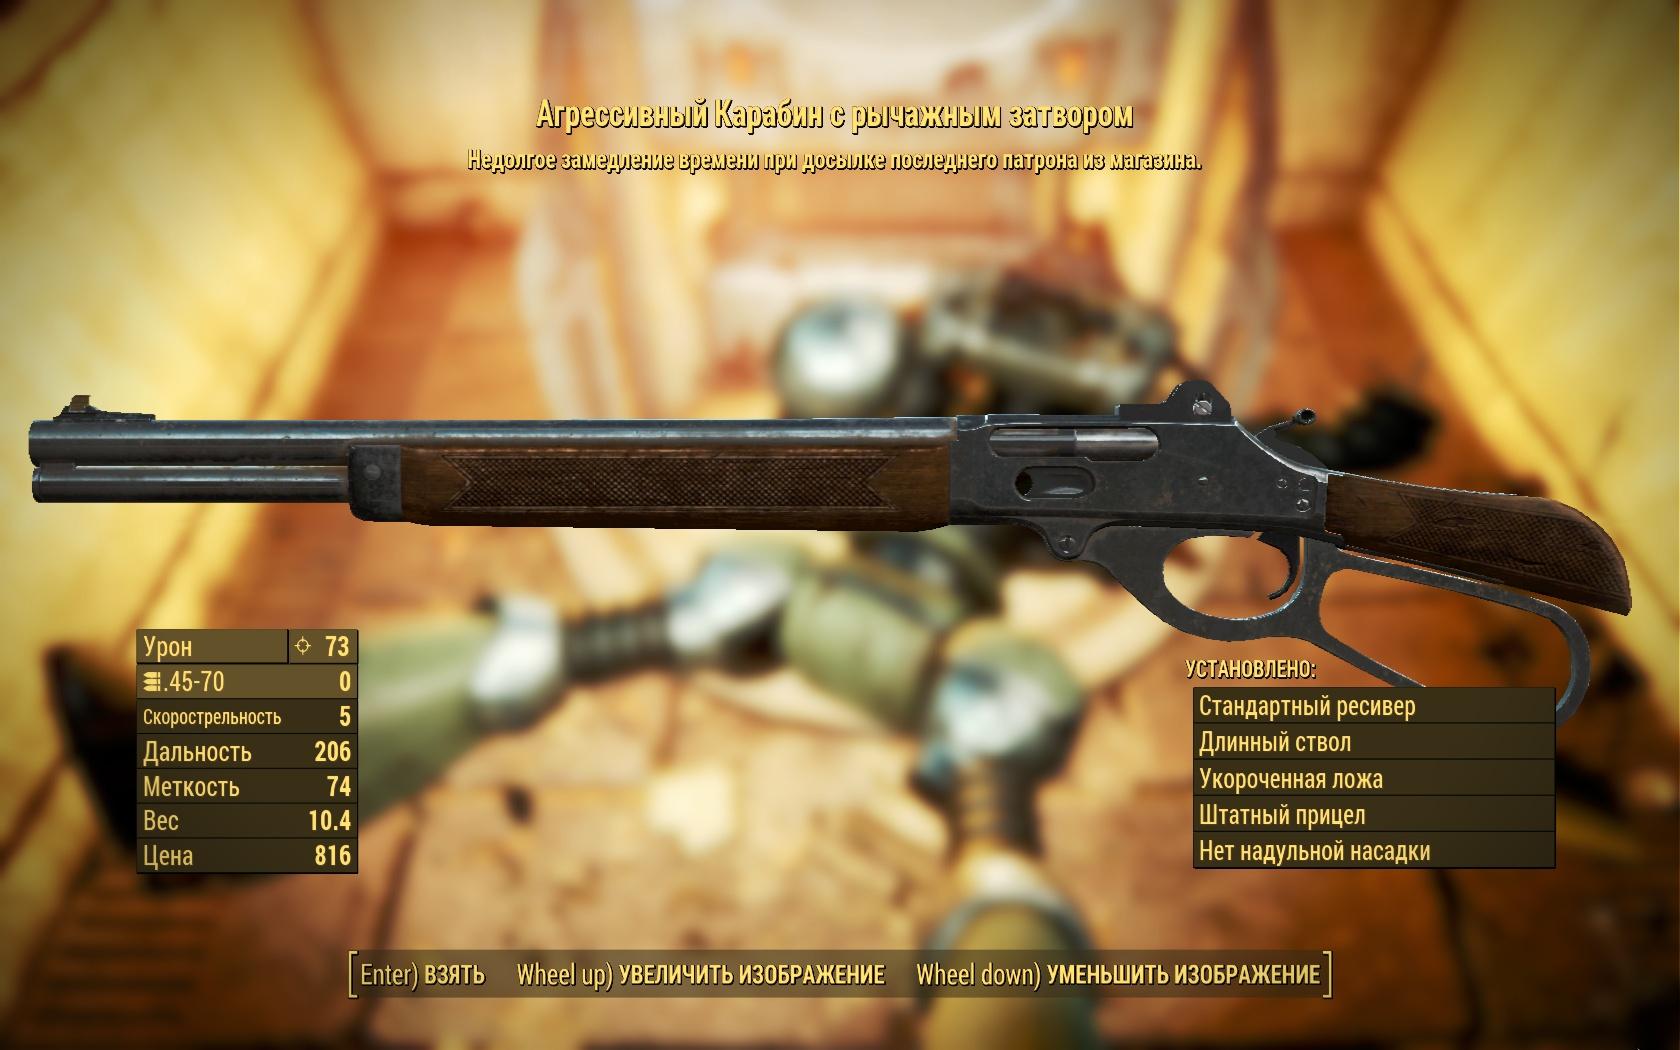 карабин - Fallout 4 Агрессивный, Оружие, рычажный